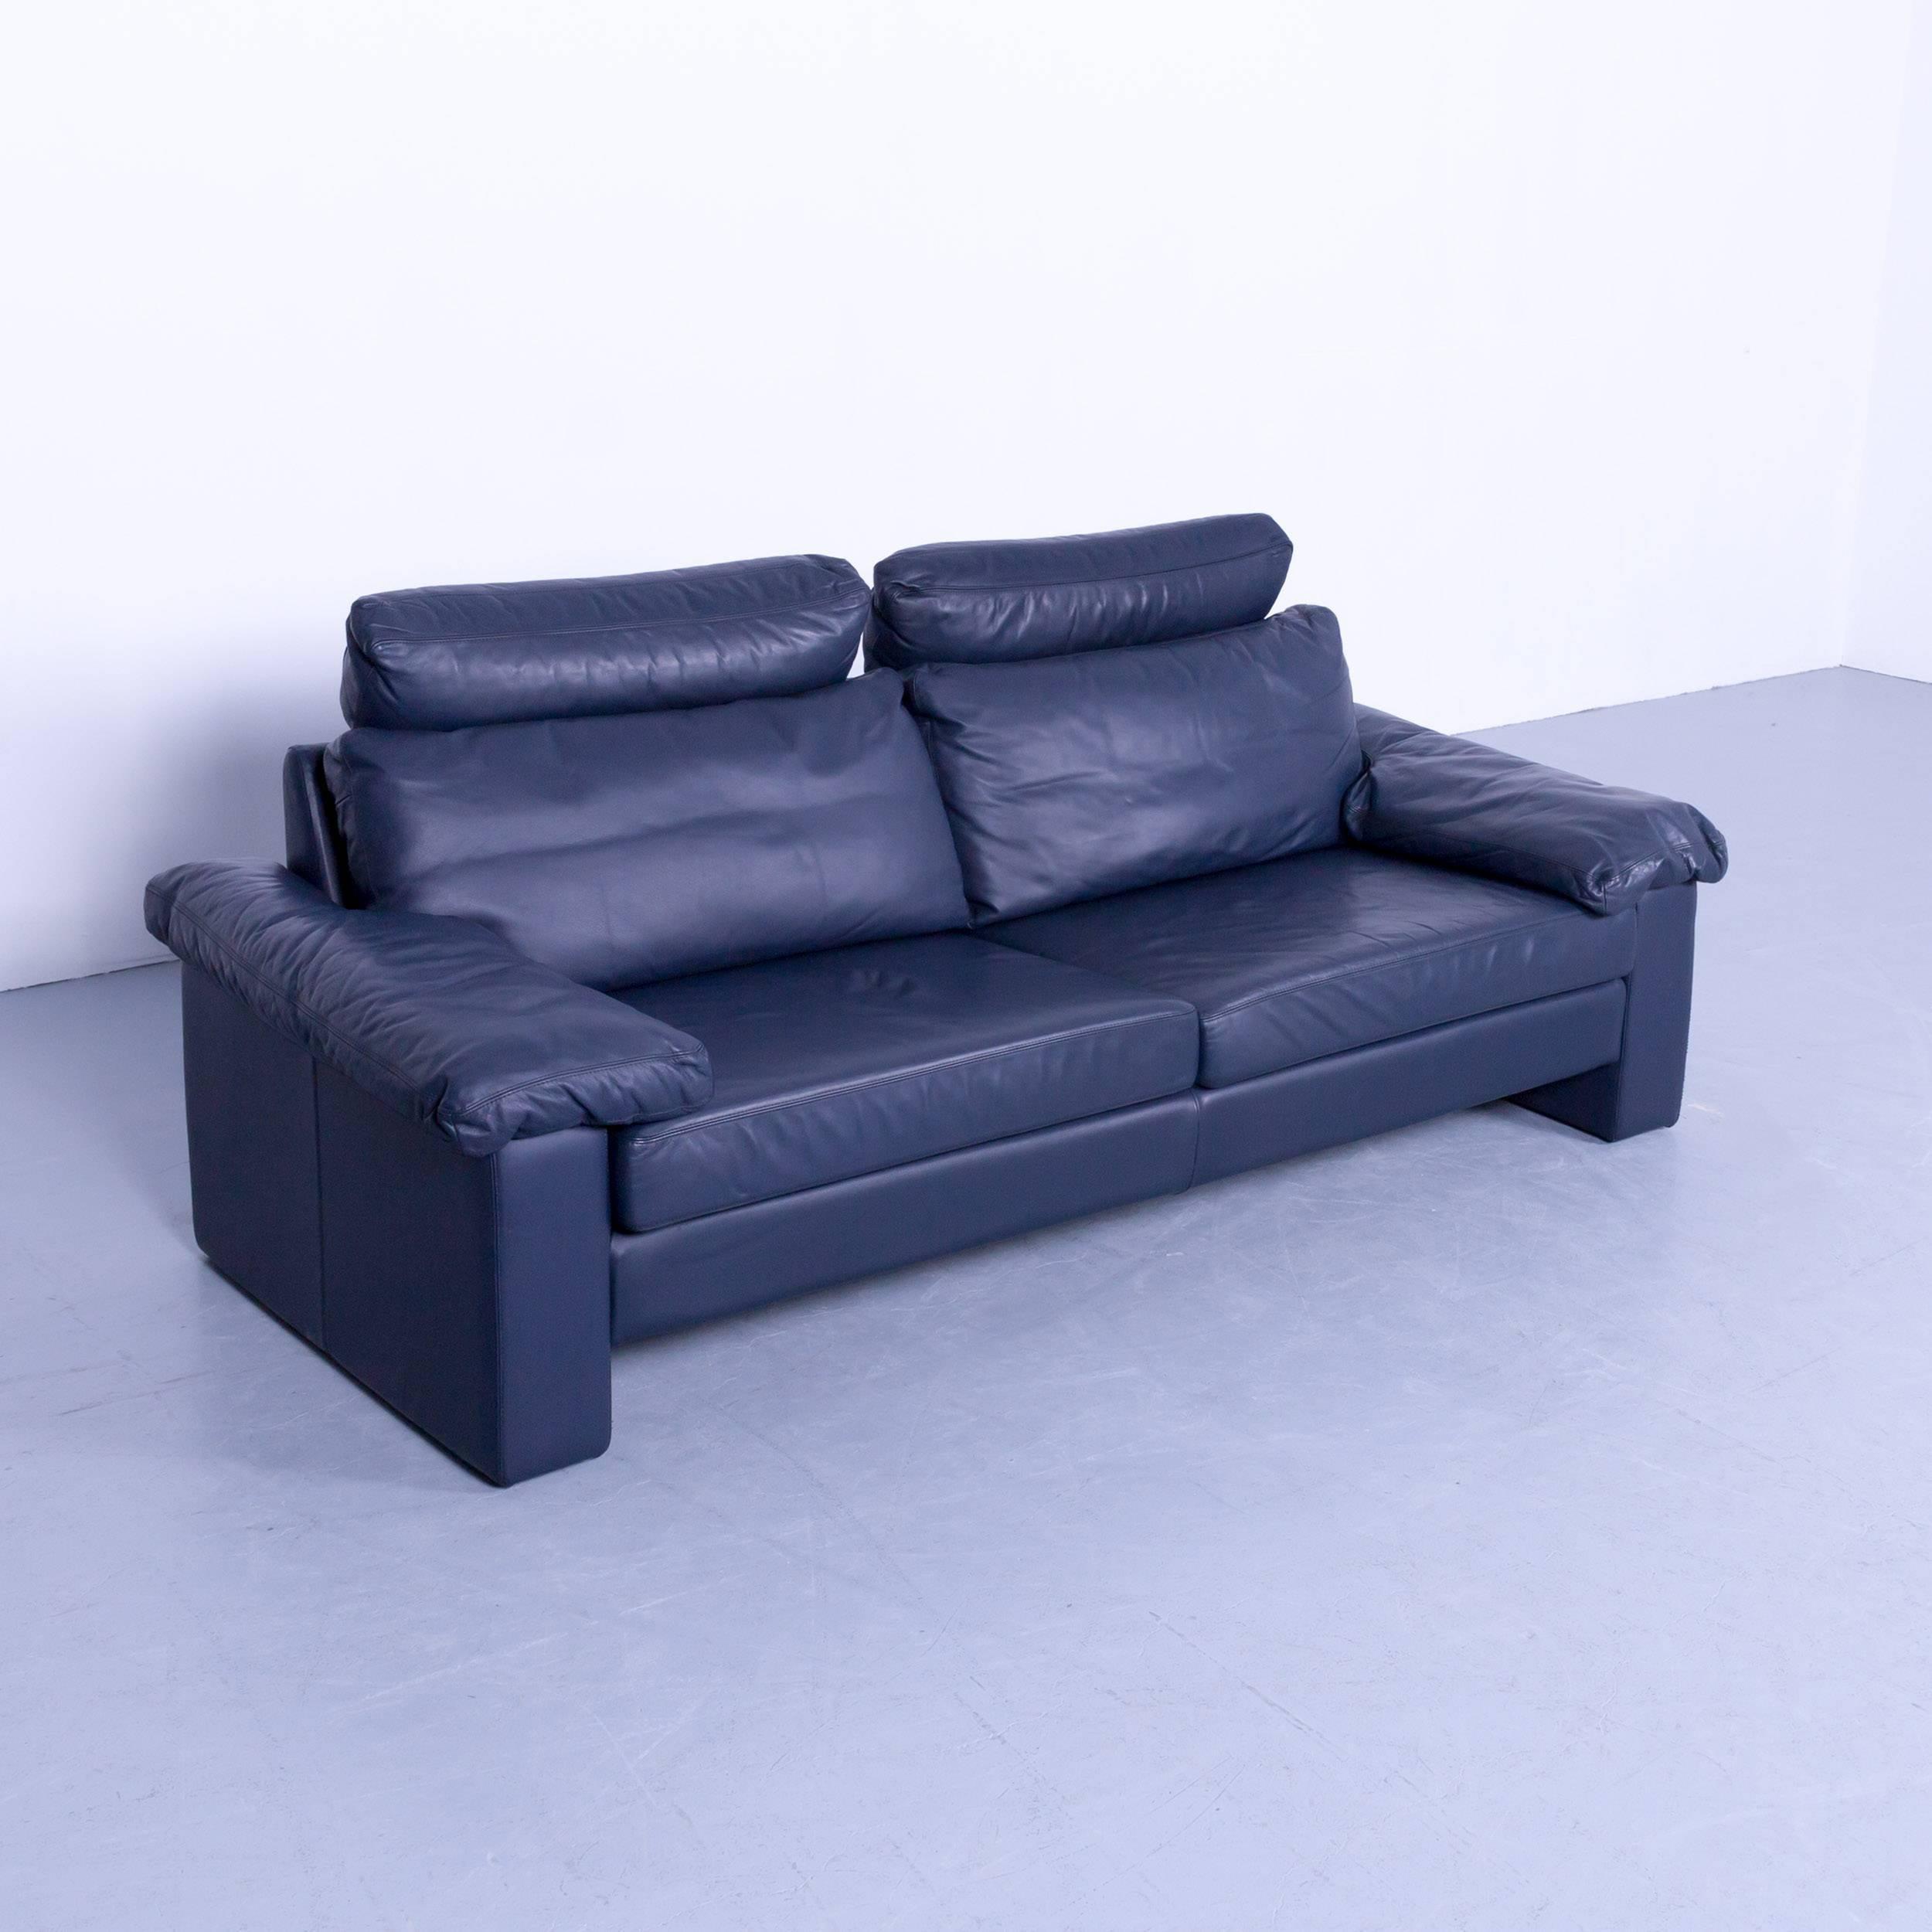 Beste Bold Design Ideas Sessel Antik Zeitgenössisch - Heimat Ideen ...